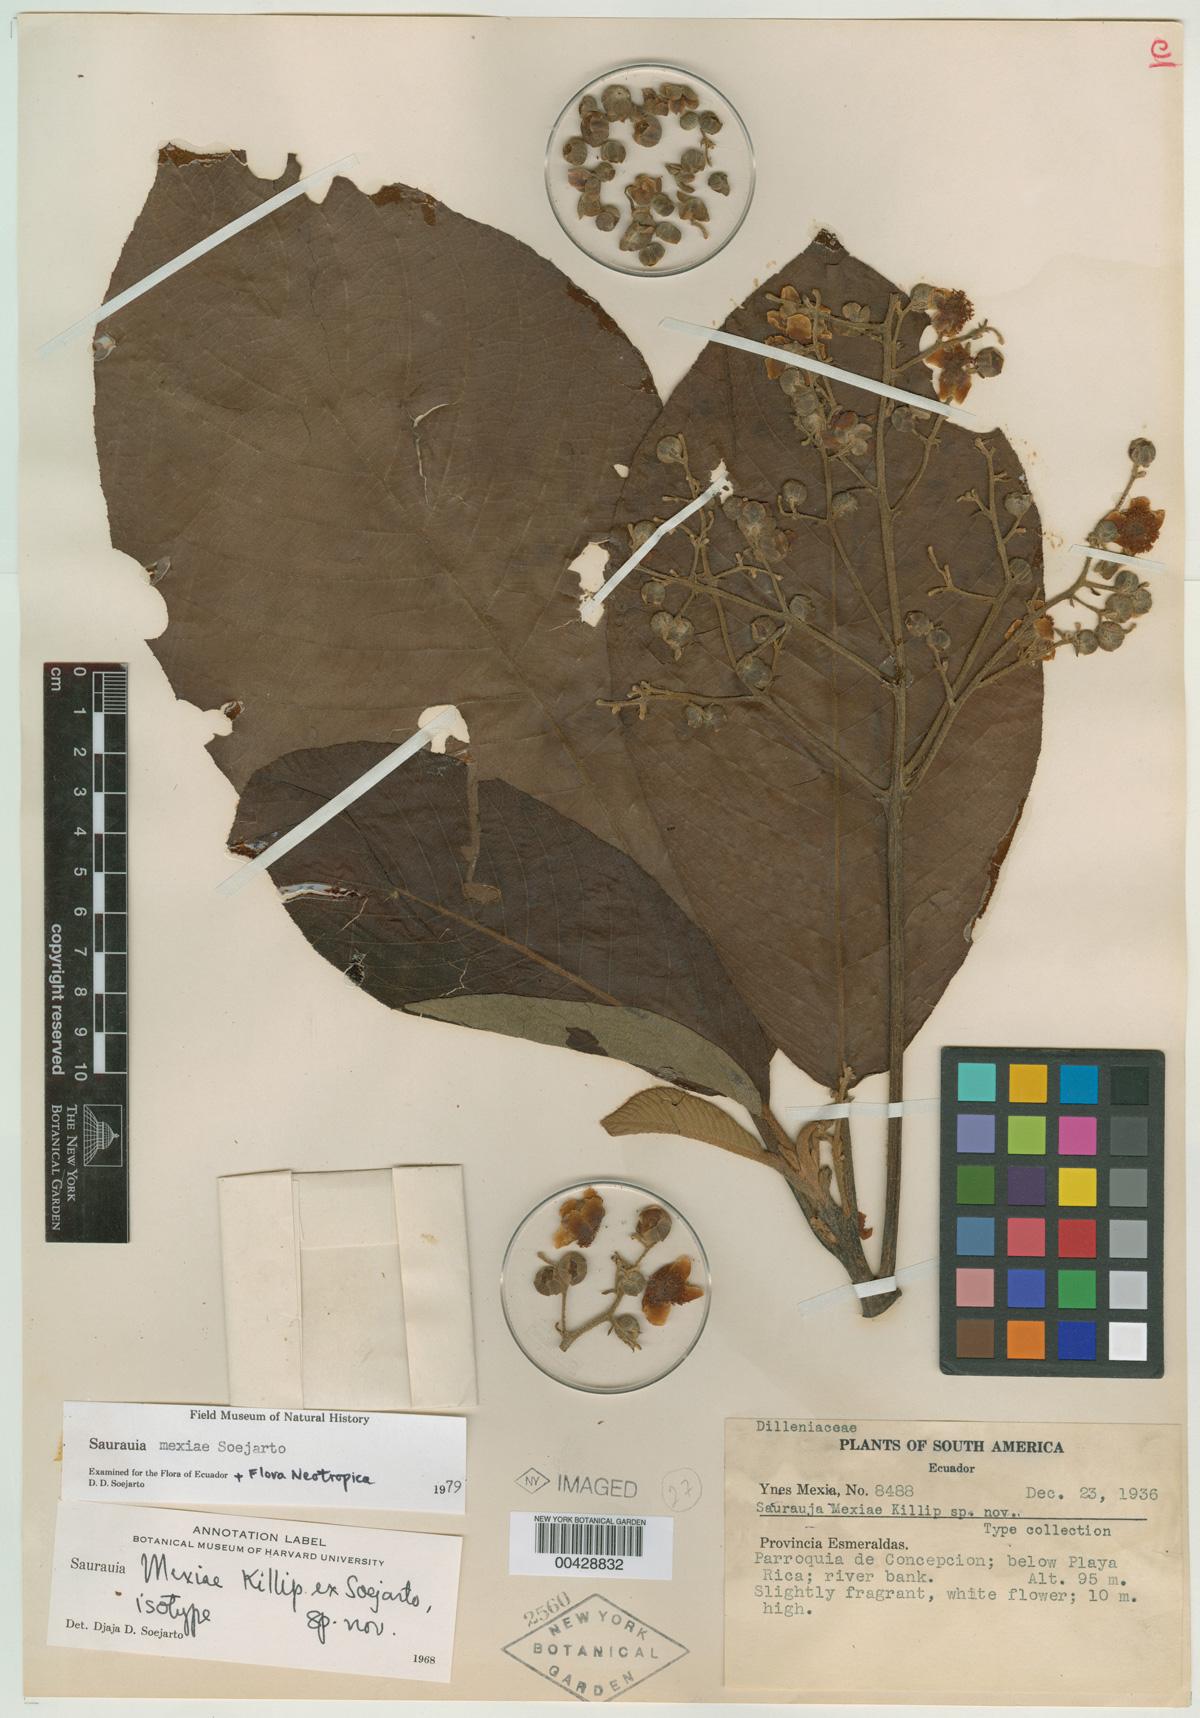 Saurauia mexiae Steere Herbarium type specimen